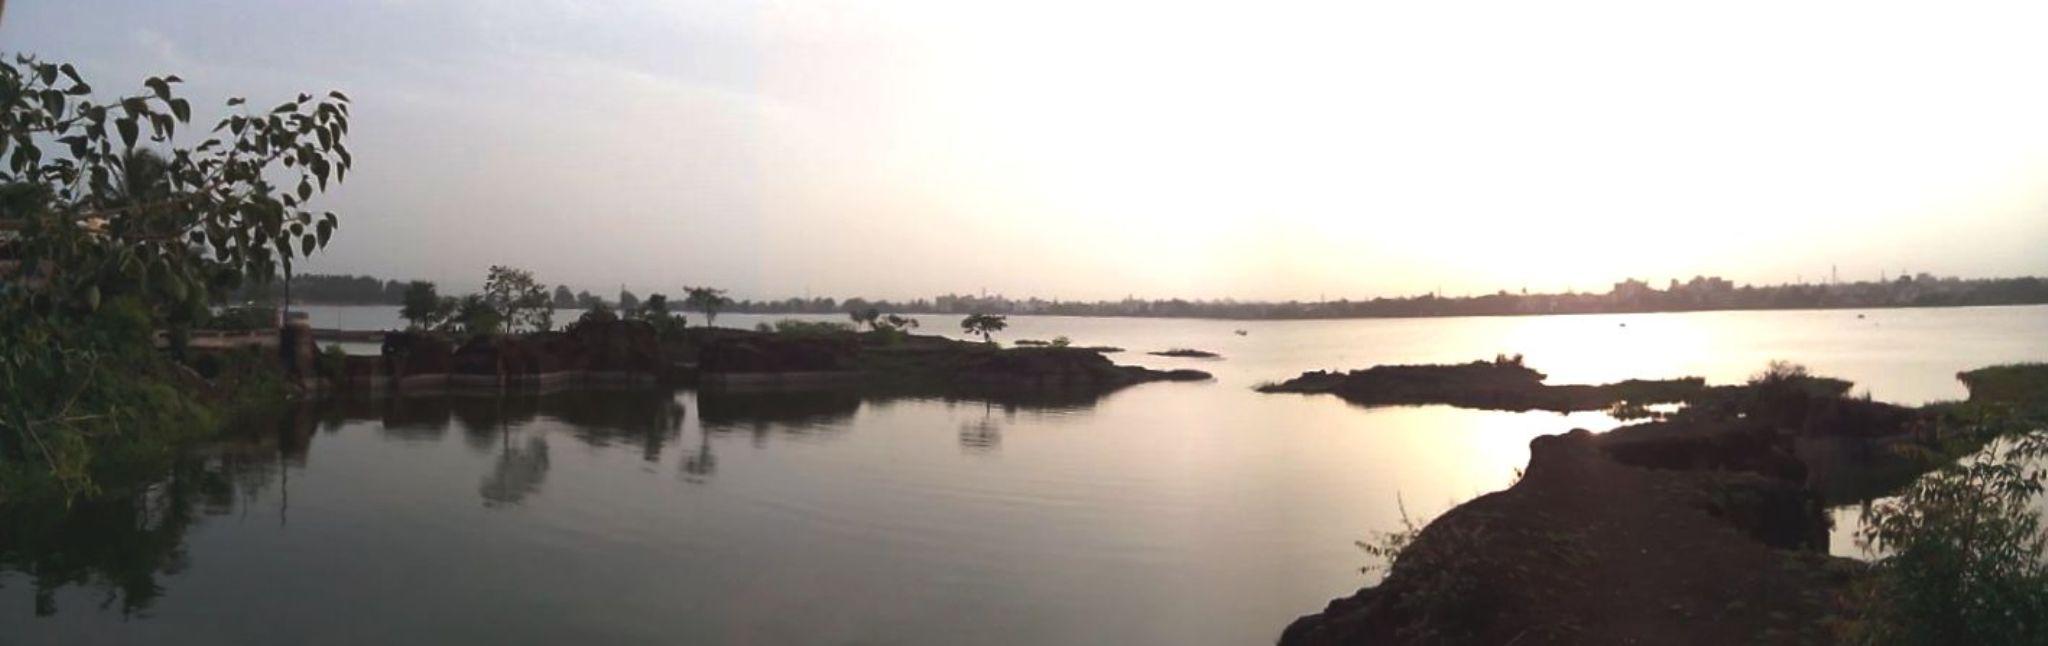 IMG_20140620_063843-morning at a lake-2 by CKKALLOLI